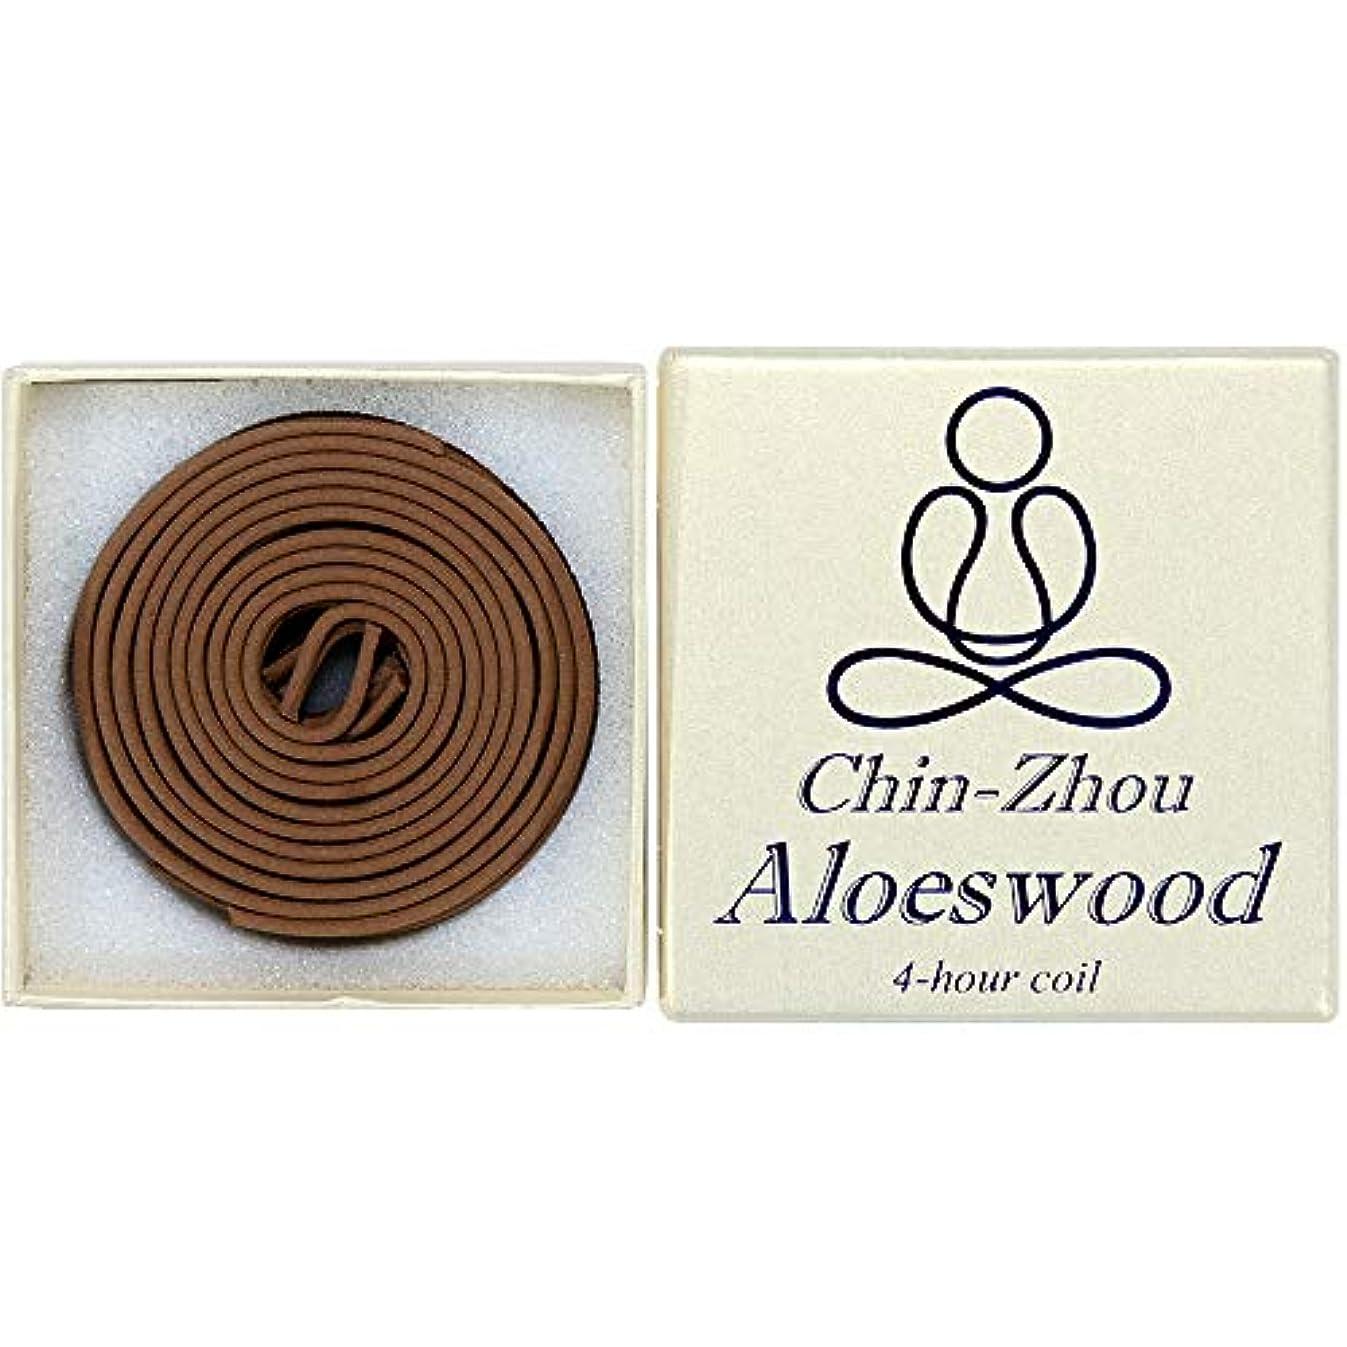 地下鉄献身楽観12ピース4-hour chin-zhou Aloeswoodコイル – 100 % Natural – f023t